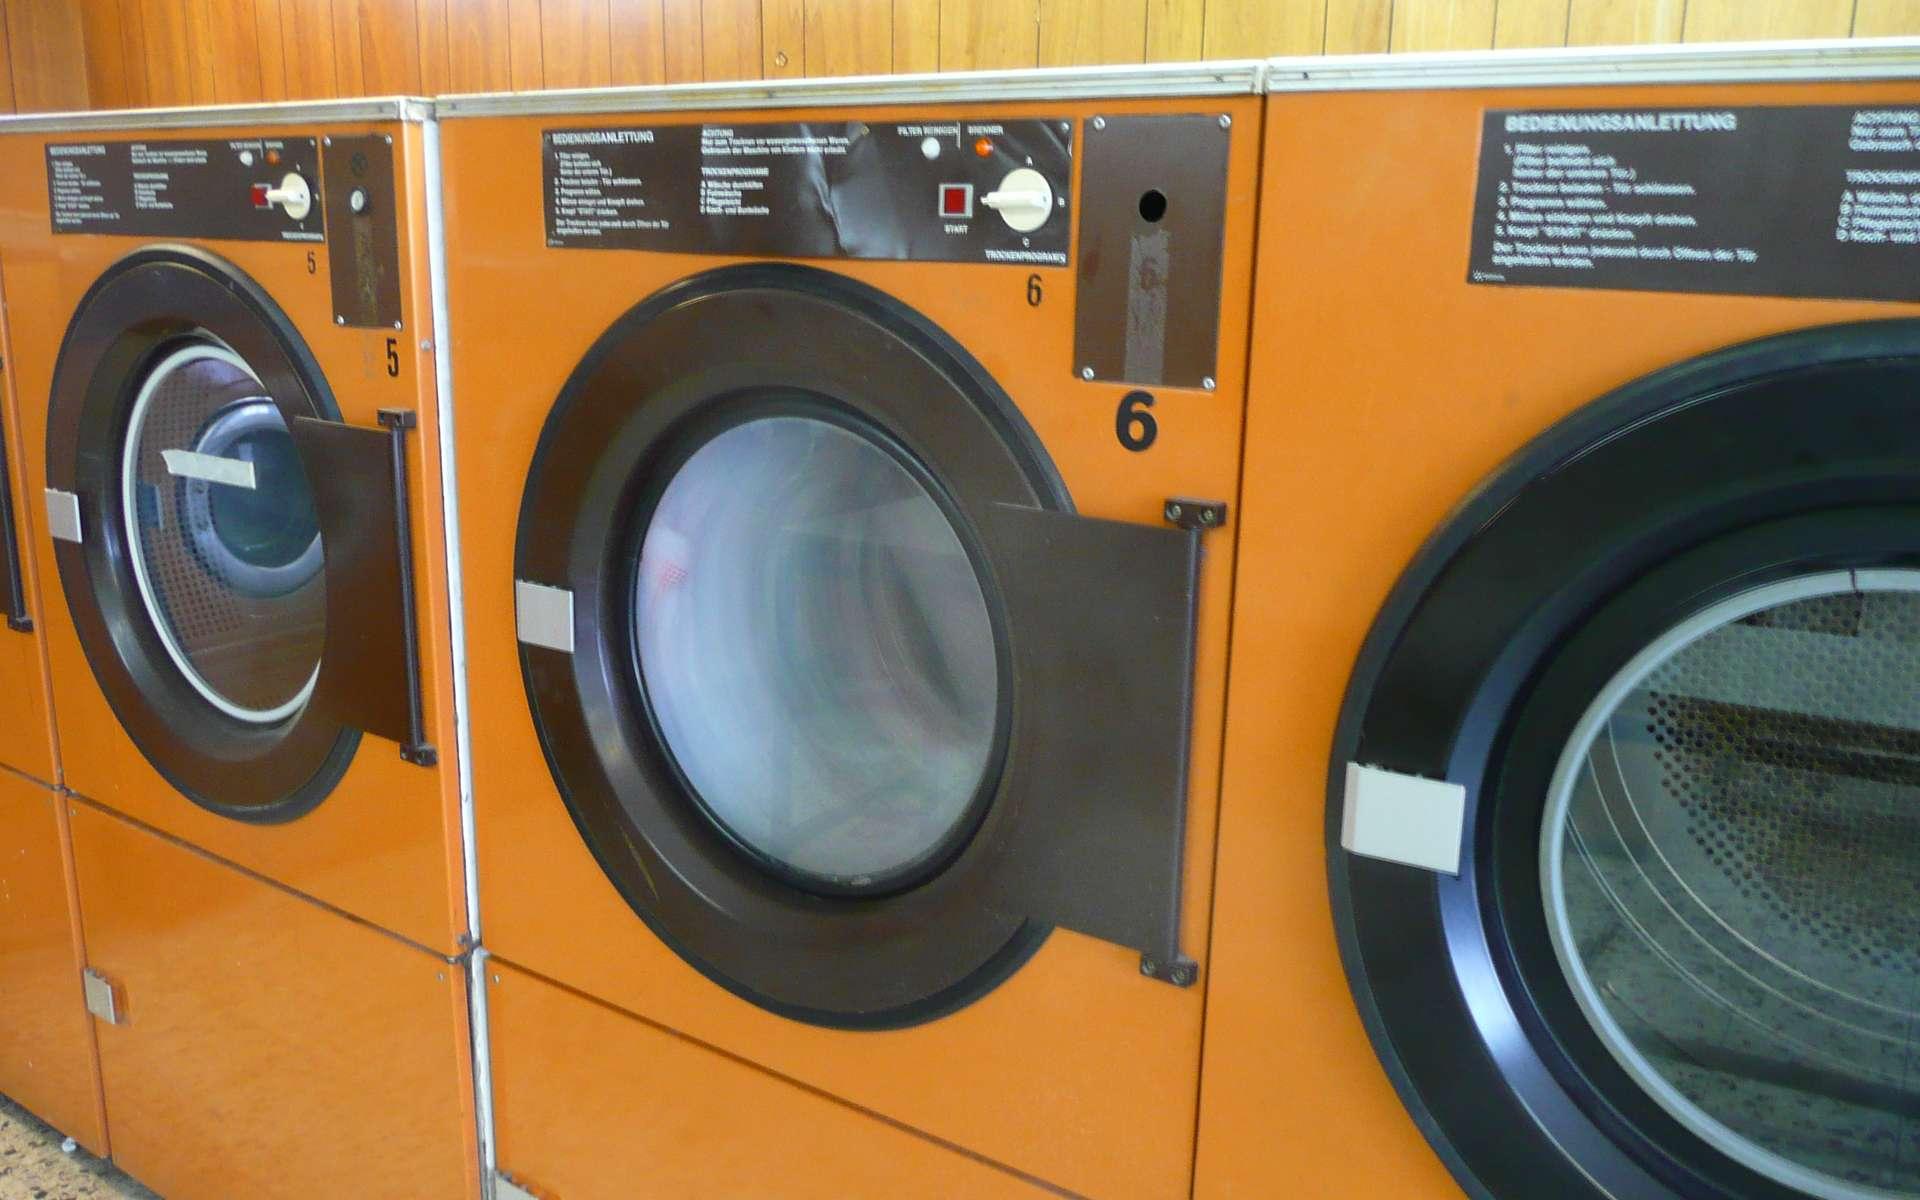 J. Ross Moore invente le sèche-linge, qui permet de sécher le linge plus rapidement qu'à l'air libre. © Franklin Heijnen, CC BY-SA 2.0, Wikimedia Commons